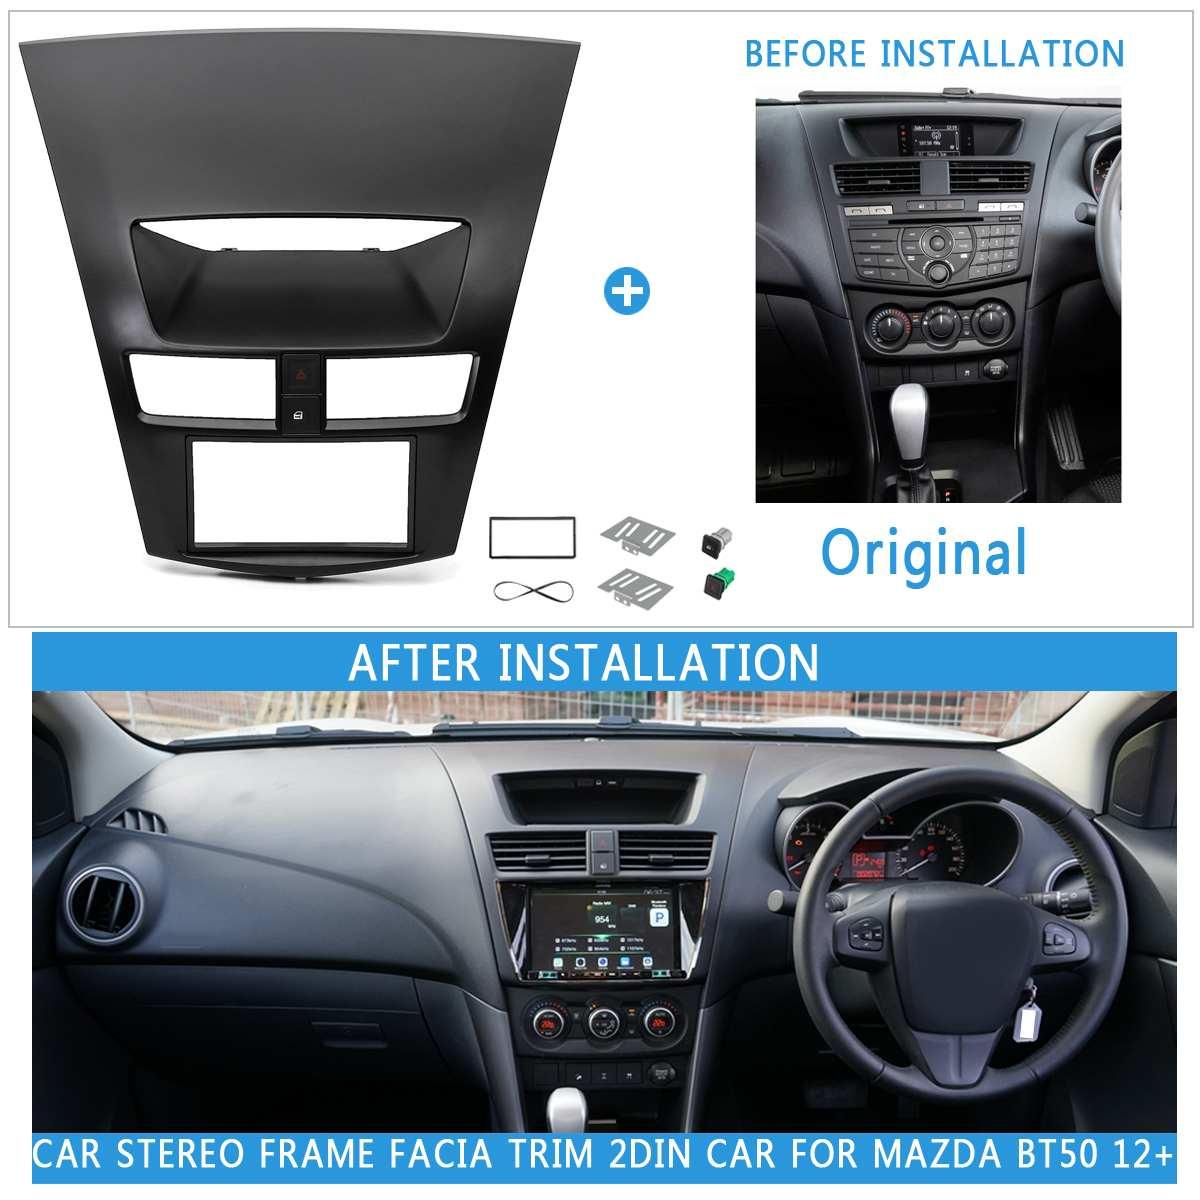 2DIN voiture réaménagement Radio stéréo DVD cadre Fascia tableau de bord Kit d'installation pour Mazda BT-50 BT50 2012 2013 2014 2015 2016 2017 +